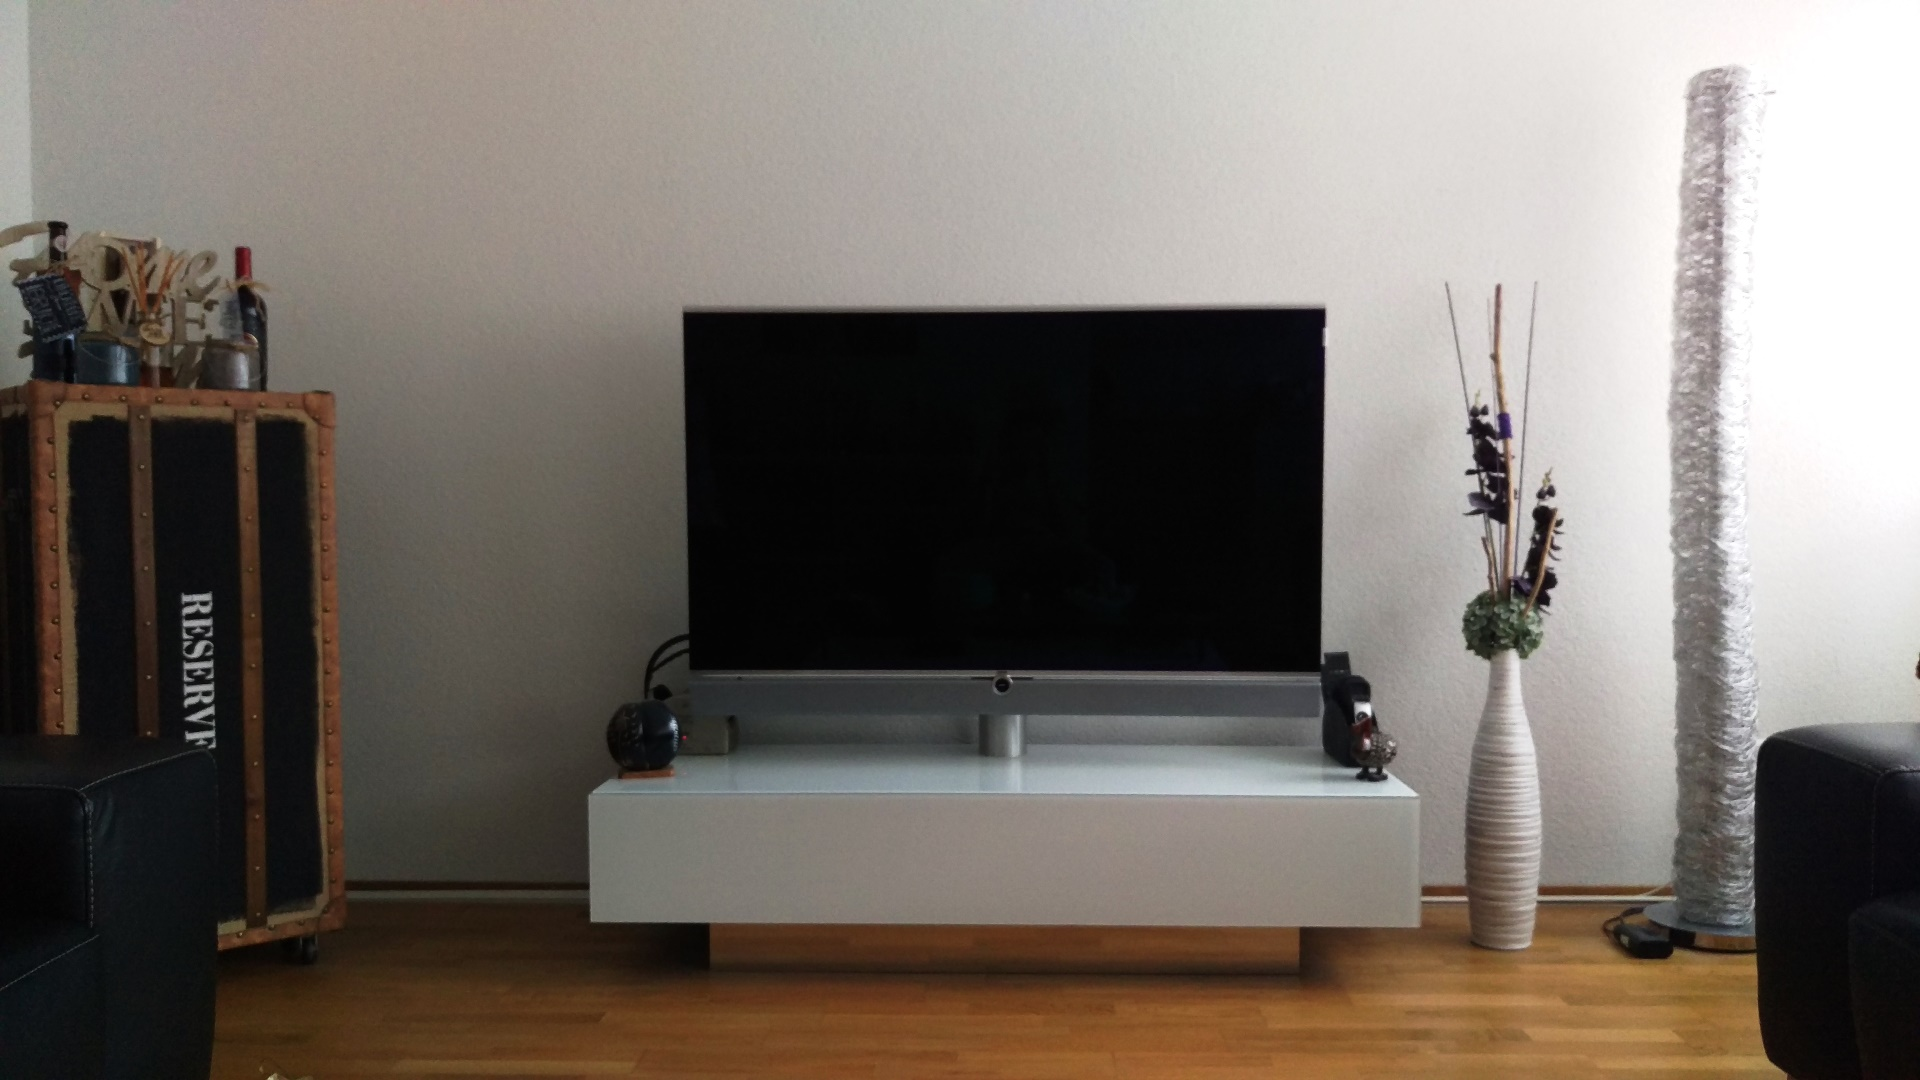 Spectral Möbel mit Loewe TV